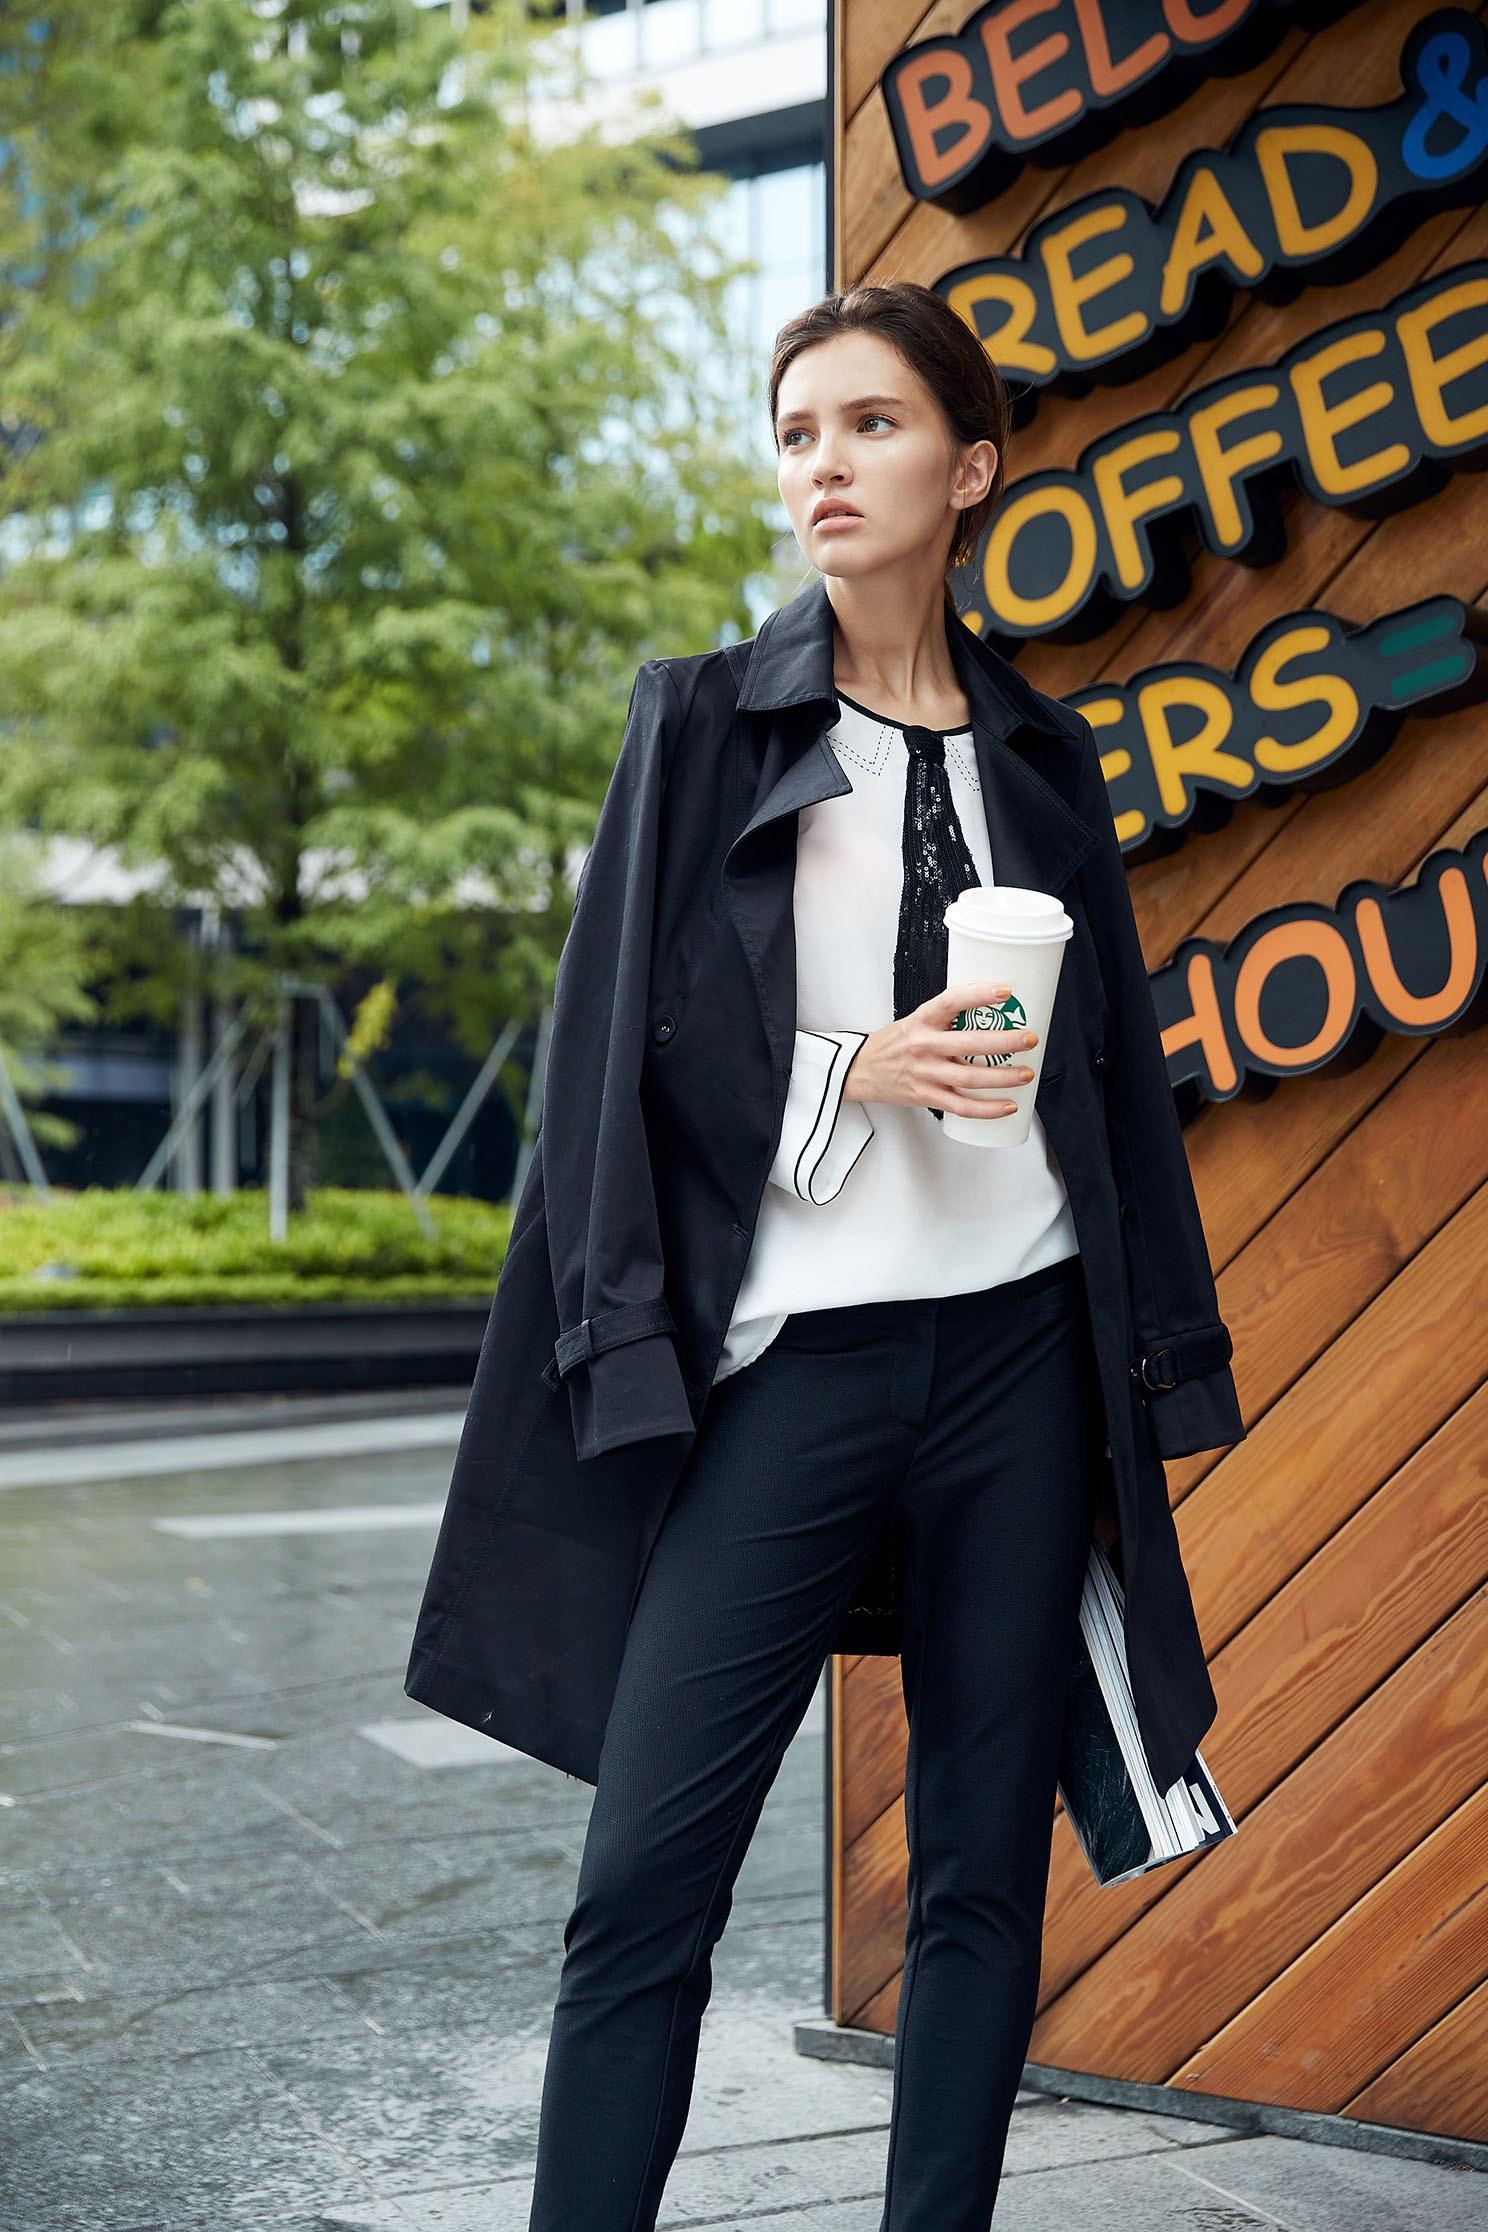 翻領排扣流行時尚長袖外套,外套,秋冬穿搭,長大衣,長袖外套,風衣,黑色外套